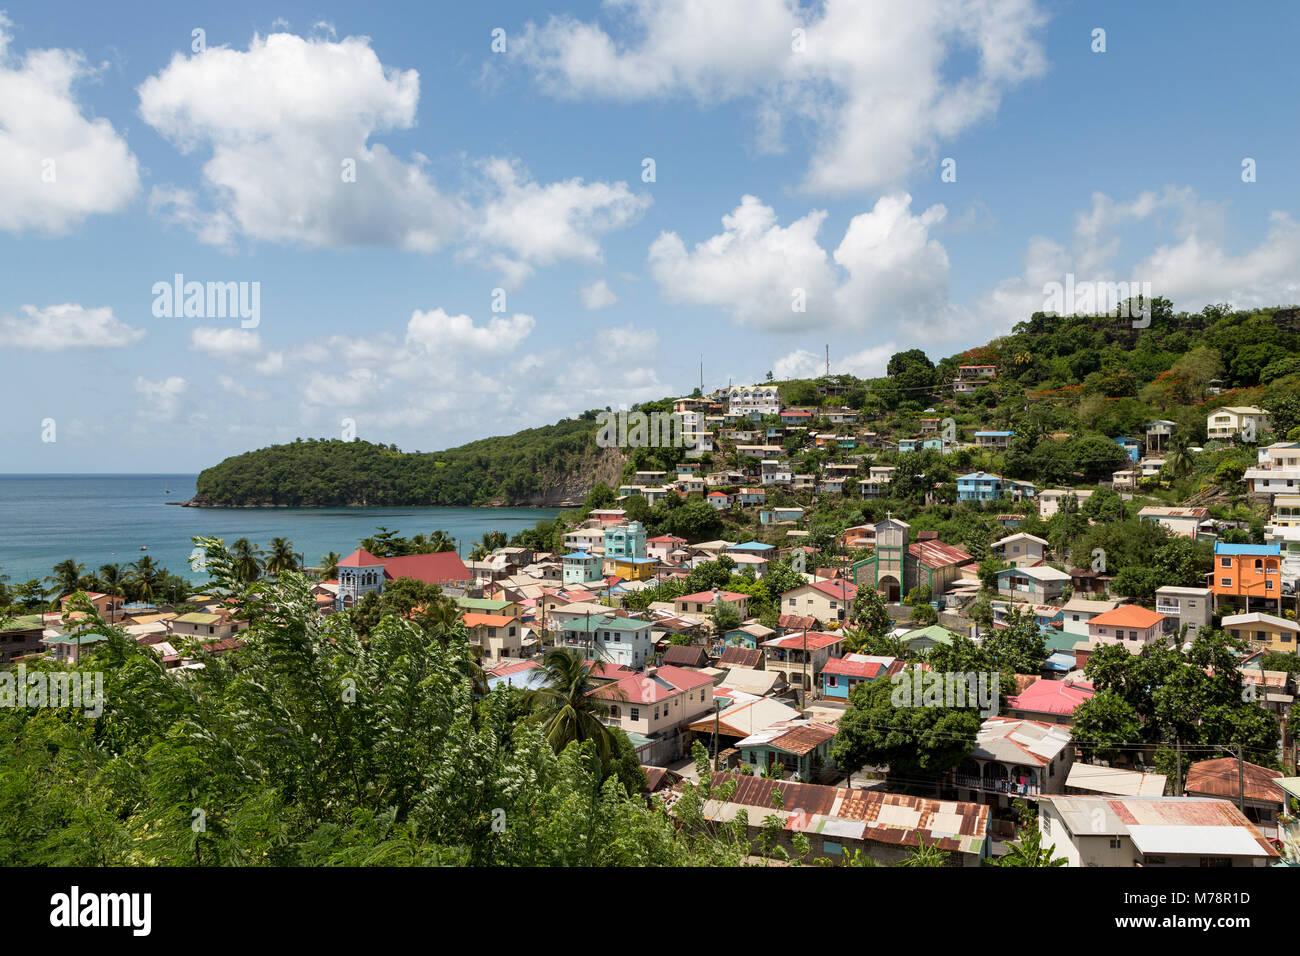 La petite ville de Canaries, avec 467 Bay au-delà, Sainte-Lucie, îles du Vent (Antilles Caraïbes, Photo Stock